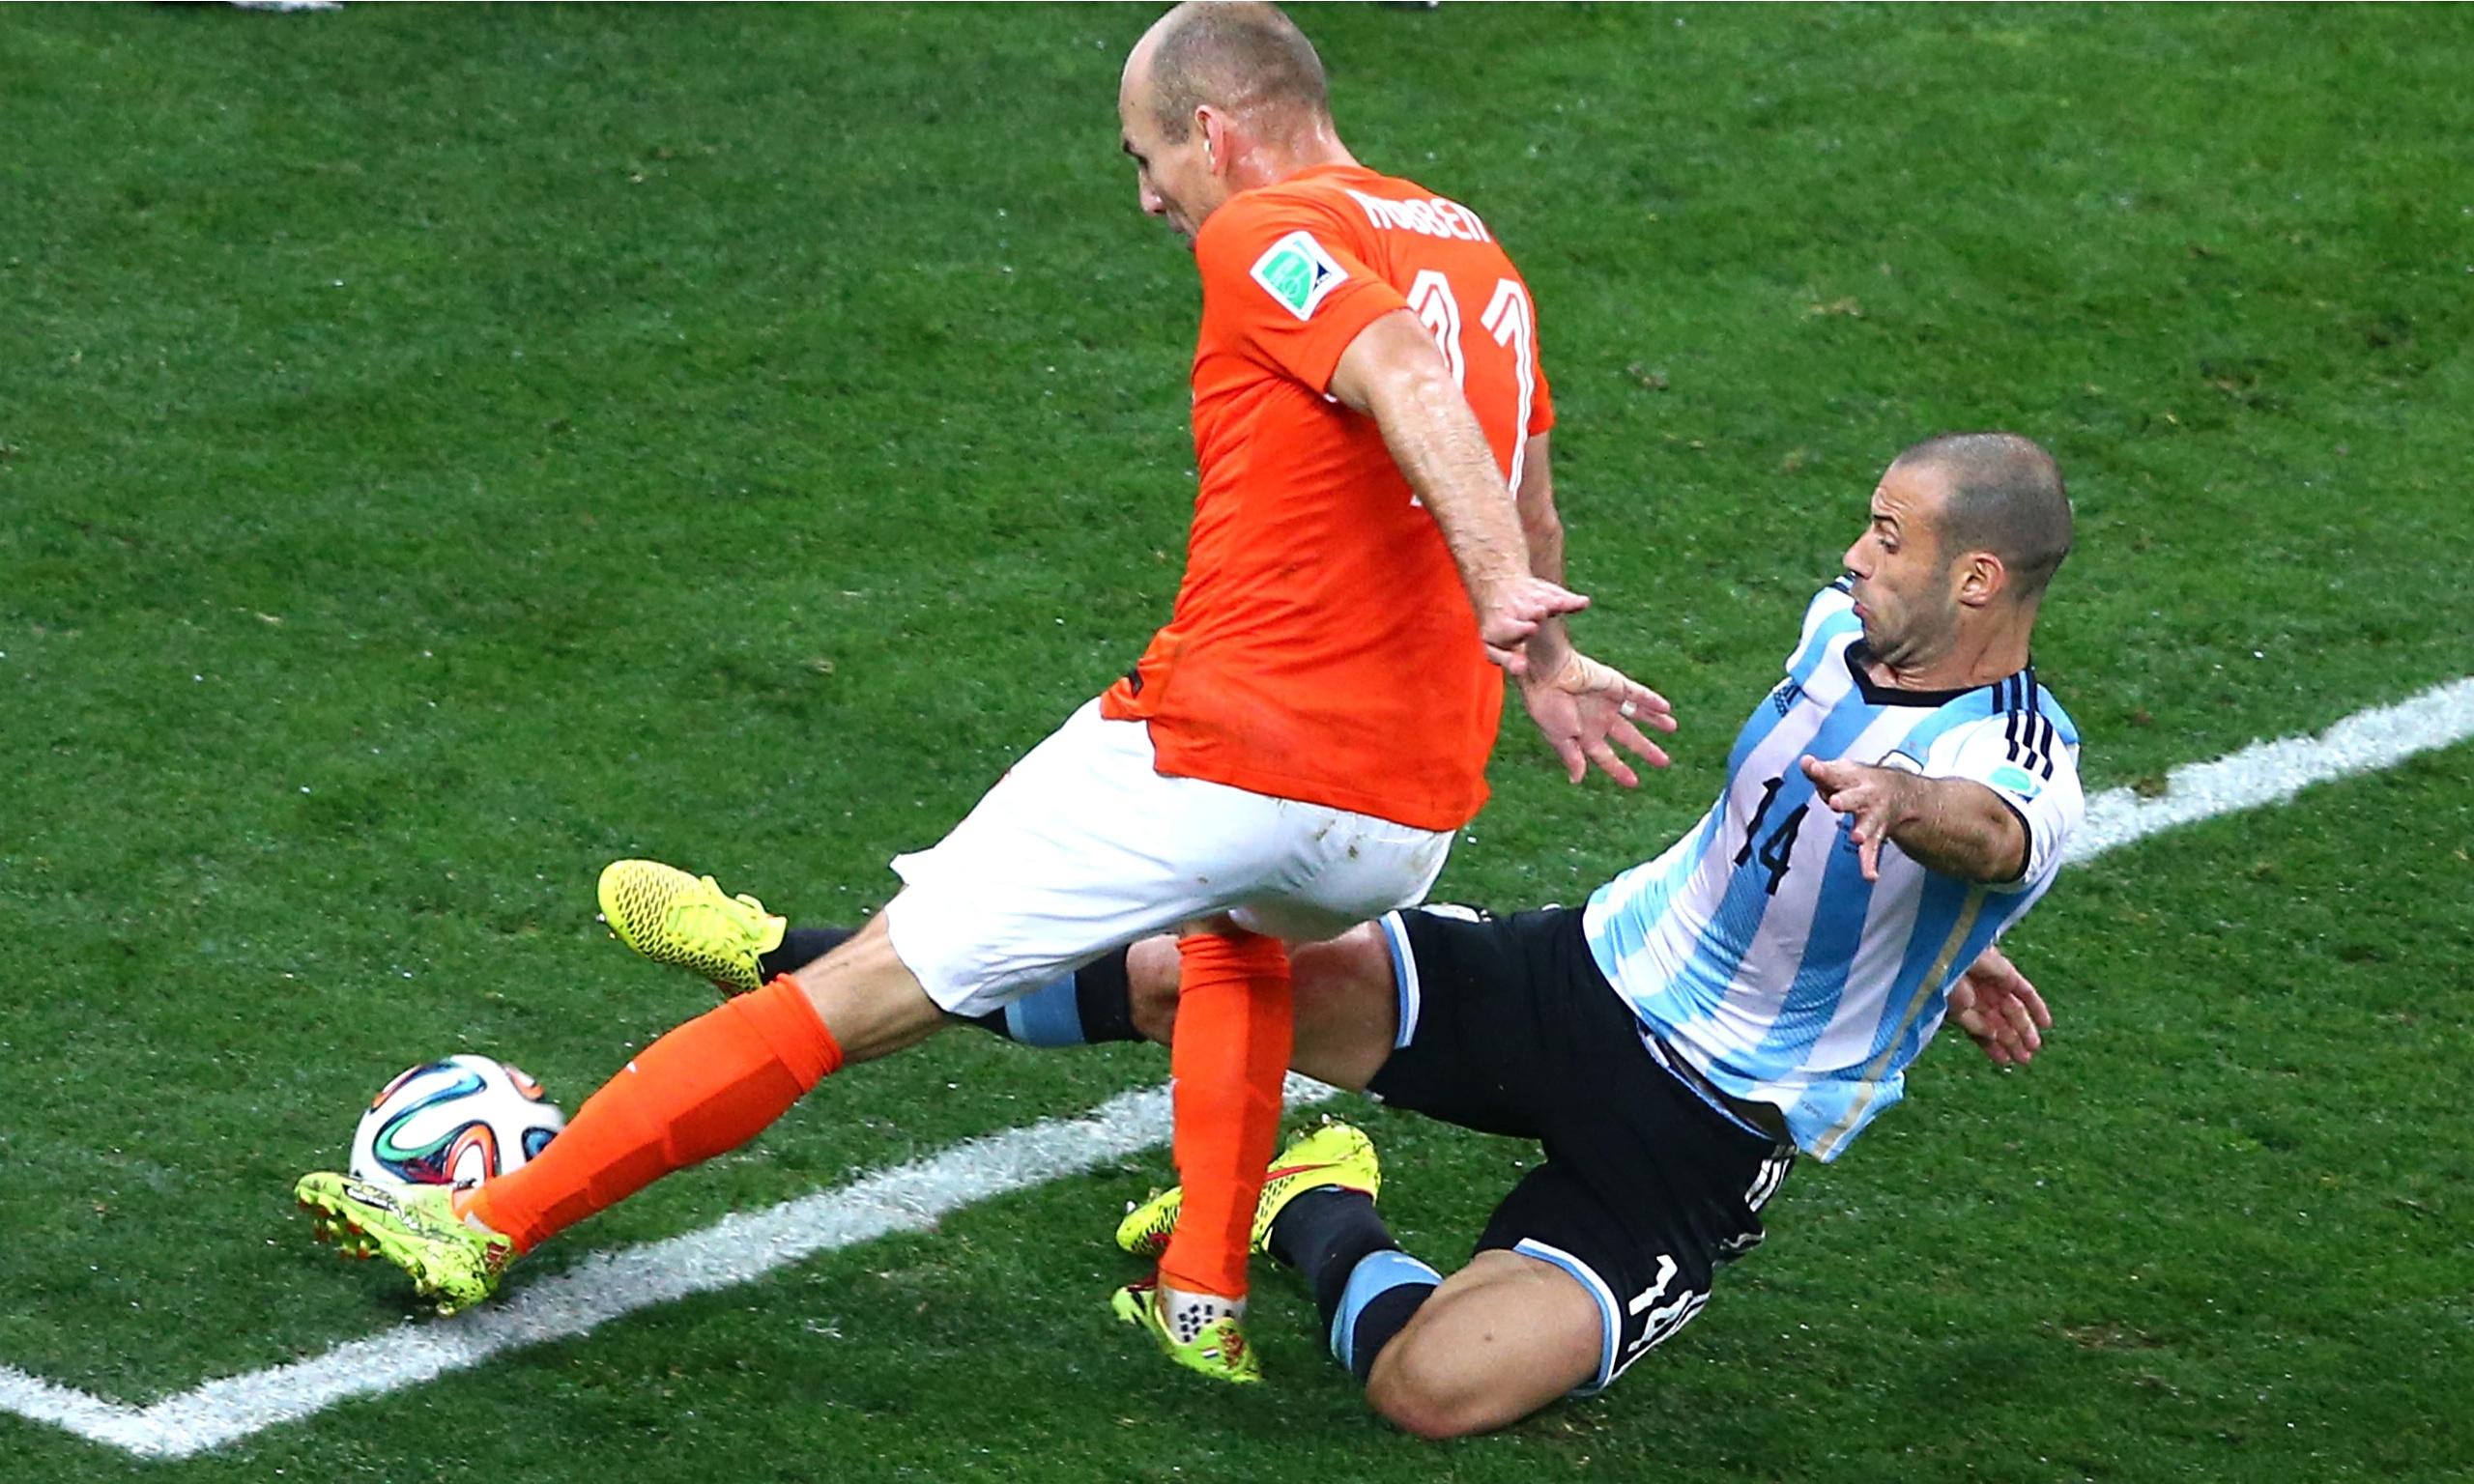 Javier-Mascherano-tackles-014 jpgMascherano World Cup 2014